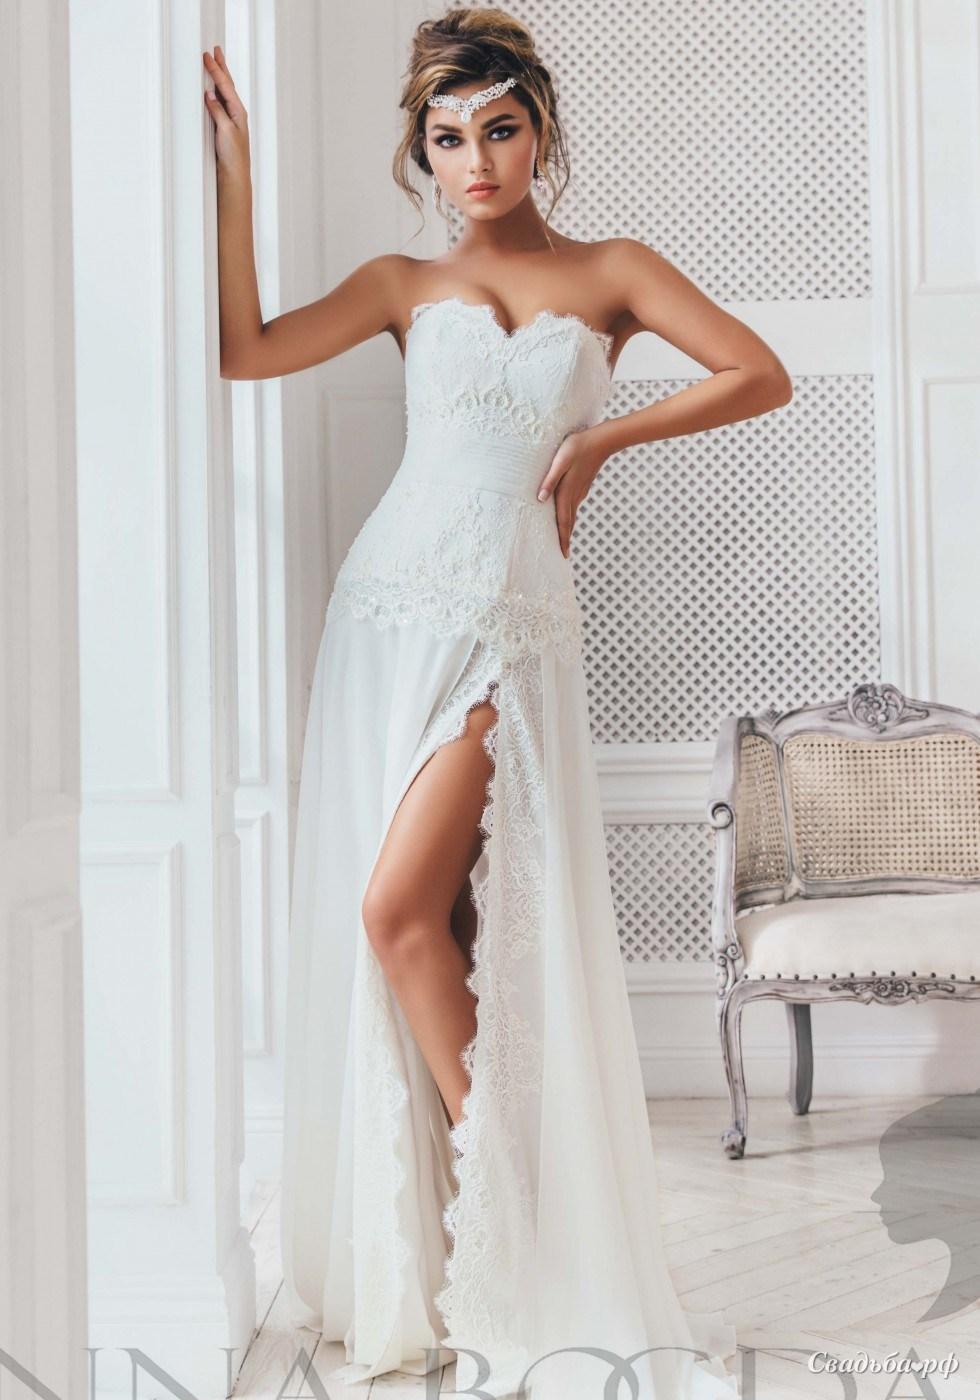 Купить свадебное платье в Киеве - цены и фото коллекции 2015